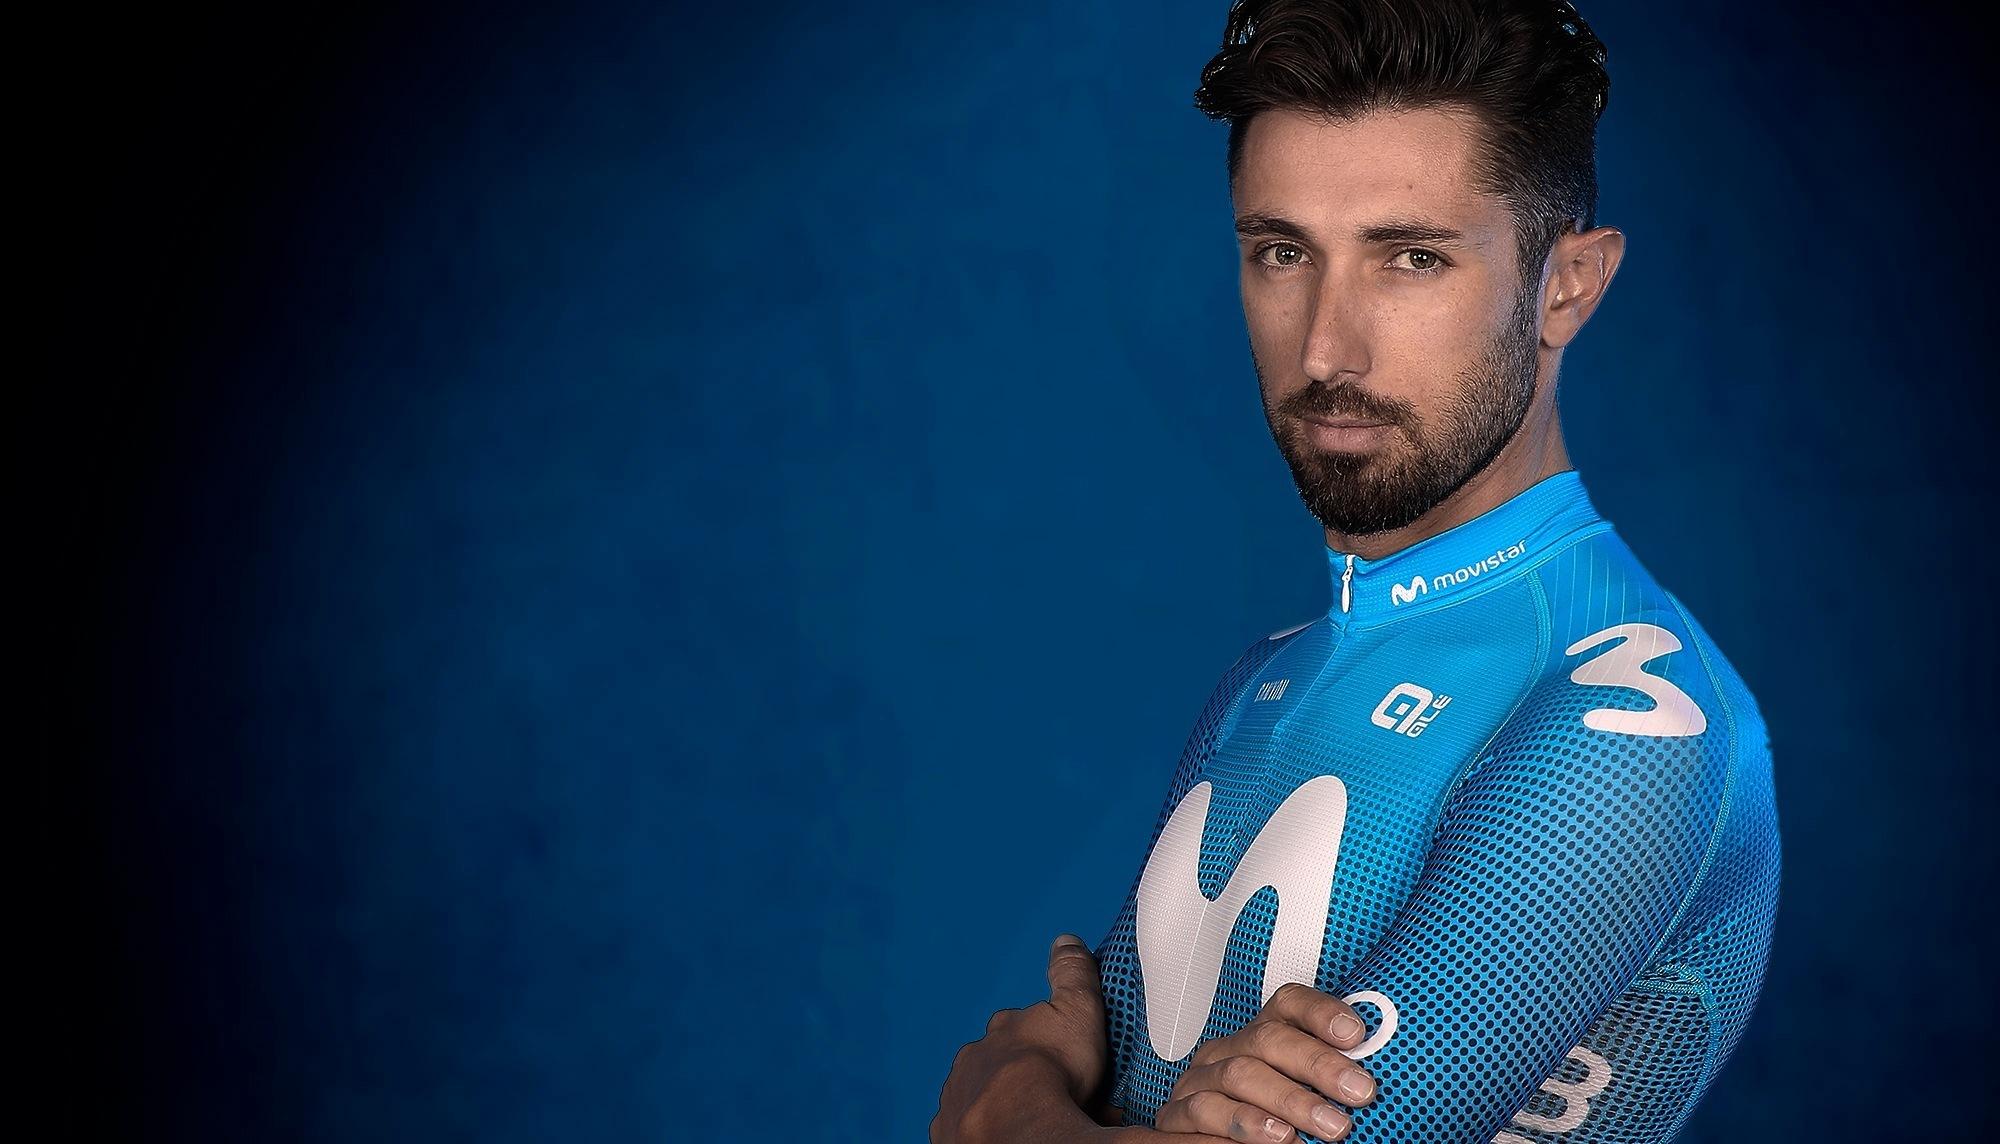 Dario Cataldo, cyklista, tím Movistar Team